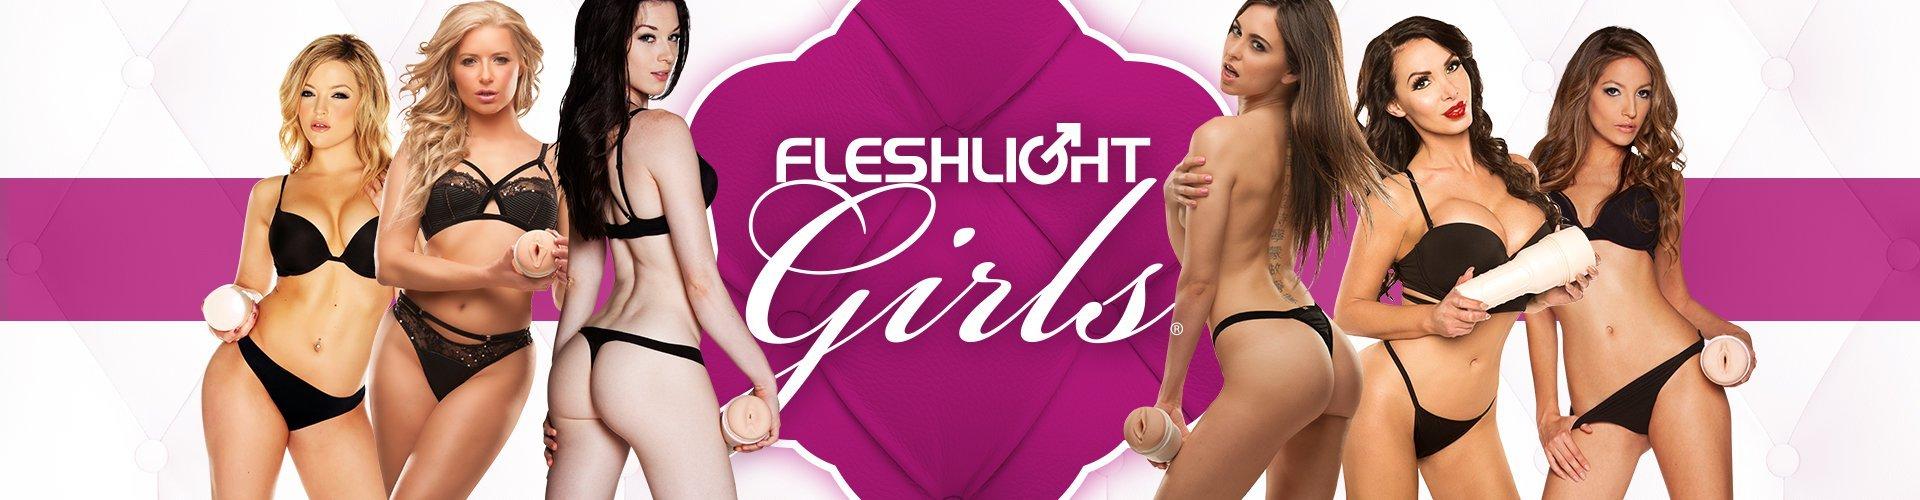 Fleshlight Girls, 18DSC, Sex Toys